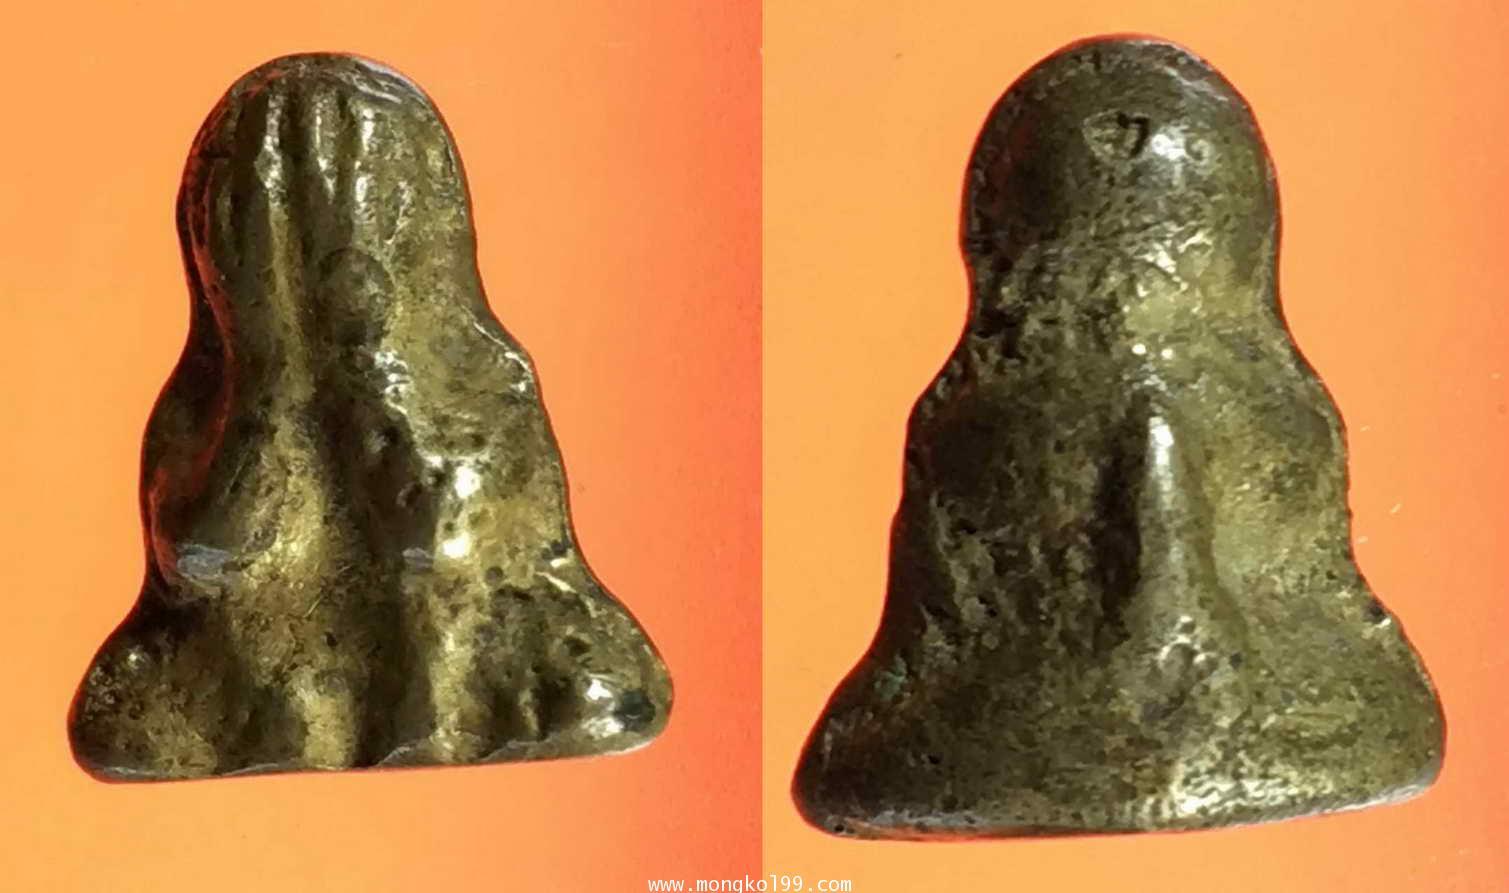 พระเครื่อง พระปิดตา มหาลาภ หลวงพ่อดิษฐ์ วัดปากสระ จ.พัทลุง ปี 2483 เนื้อทองเหลืองหล่อโบราณ